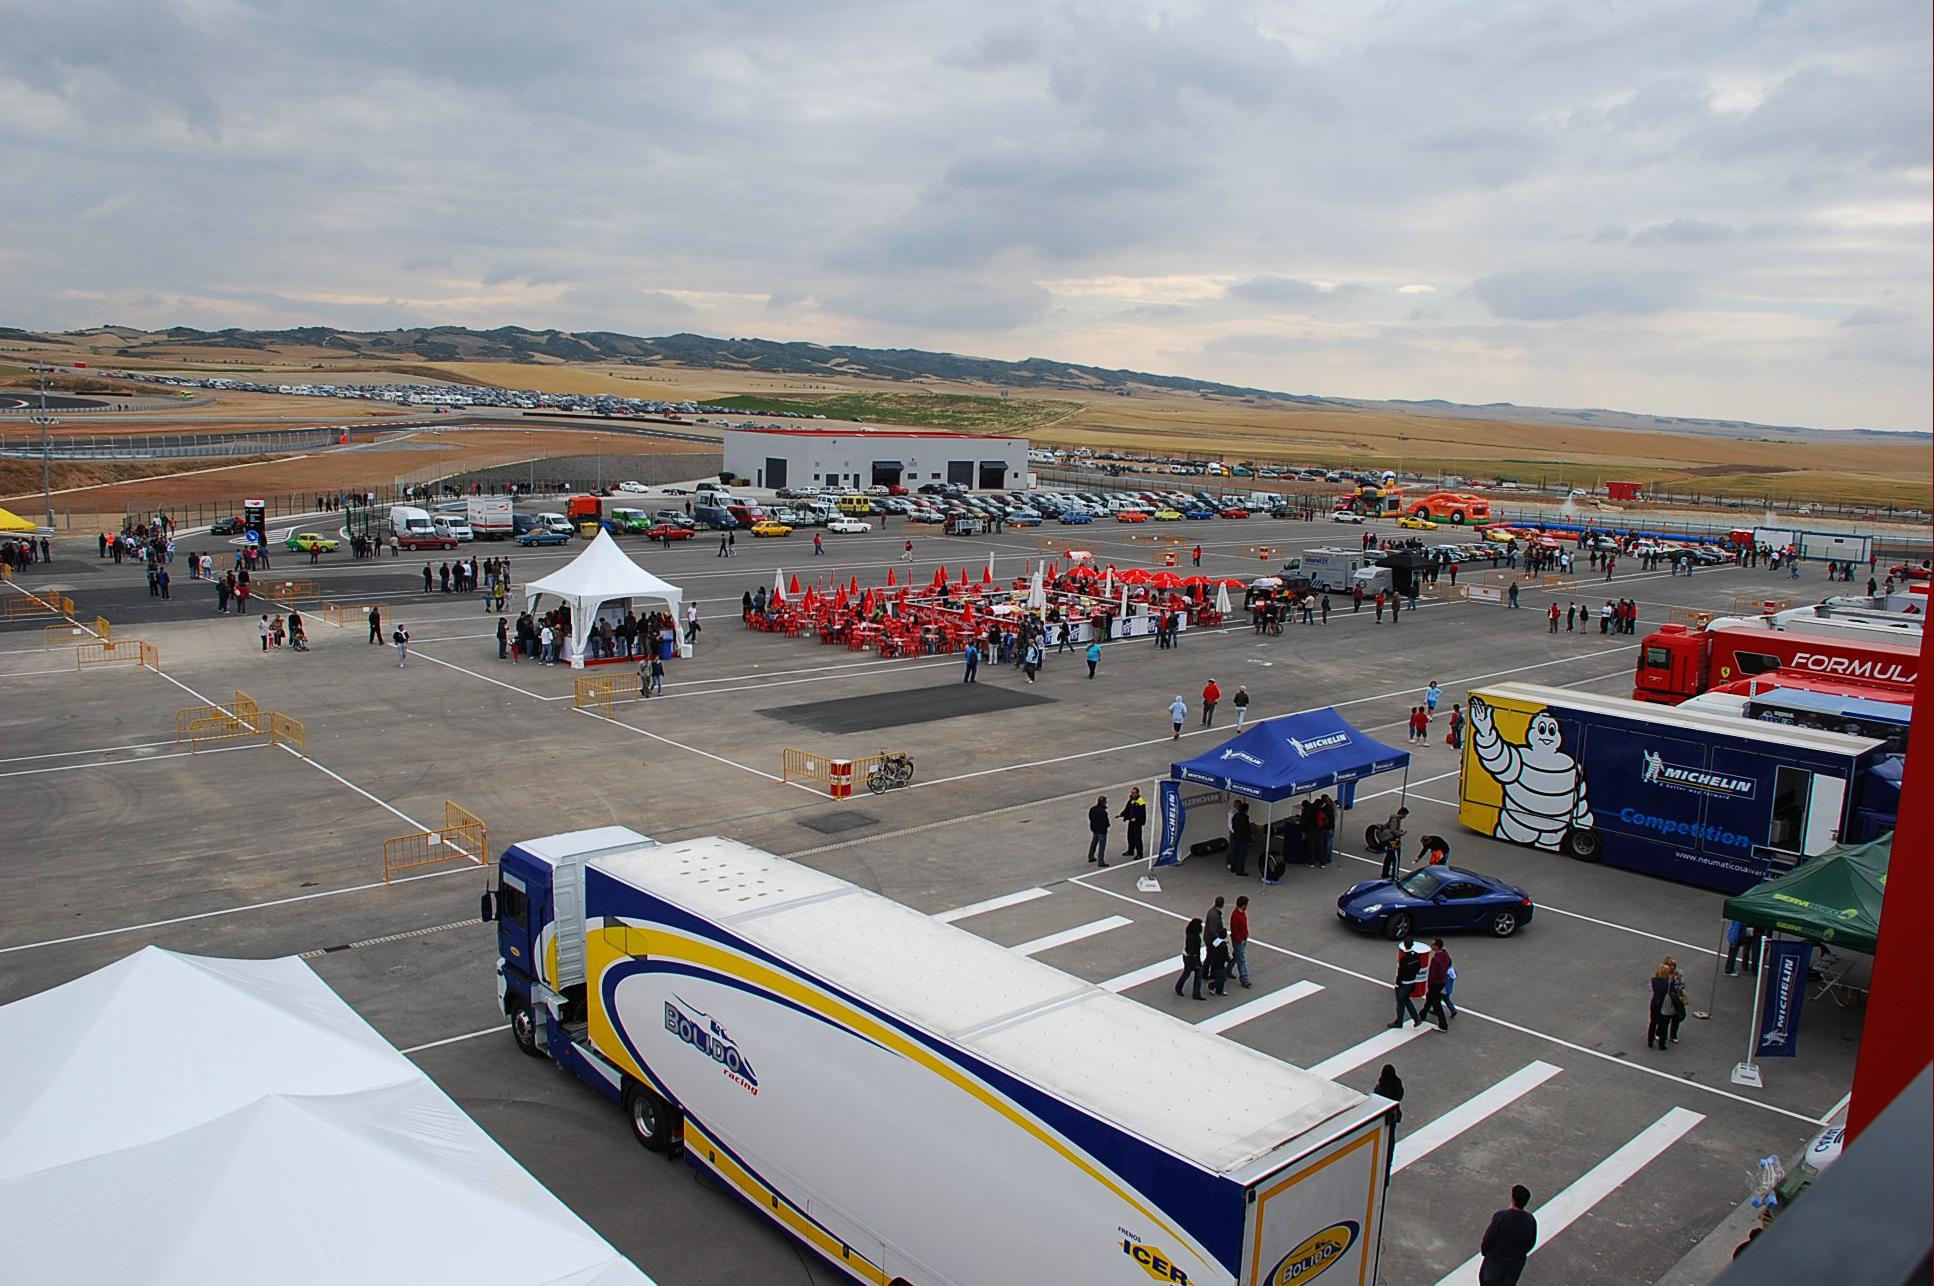 Circuito Navarra : Archivo paddock del circuito de navarra dsc w g